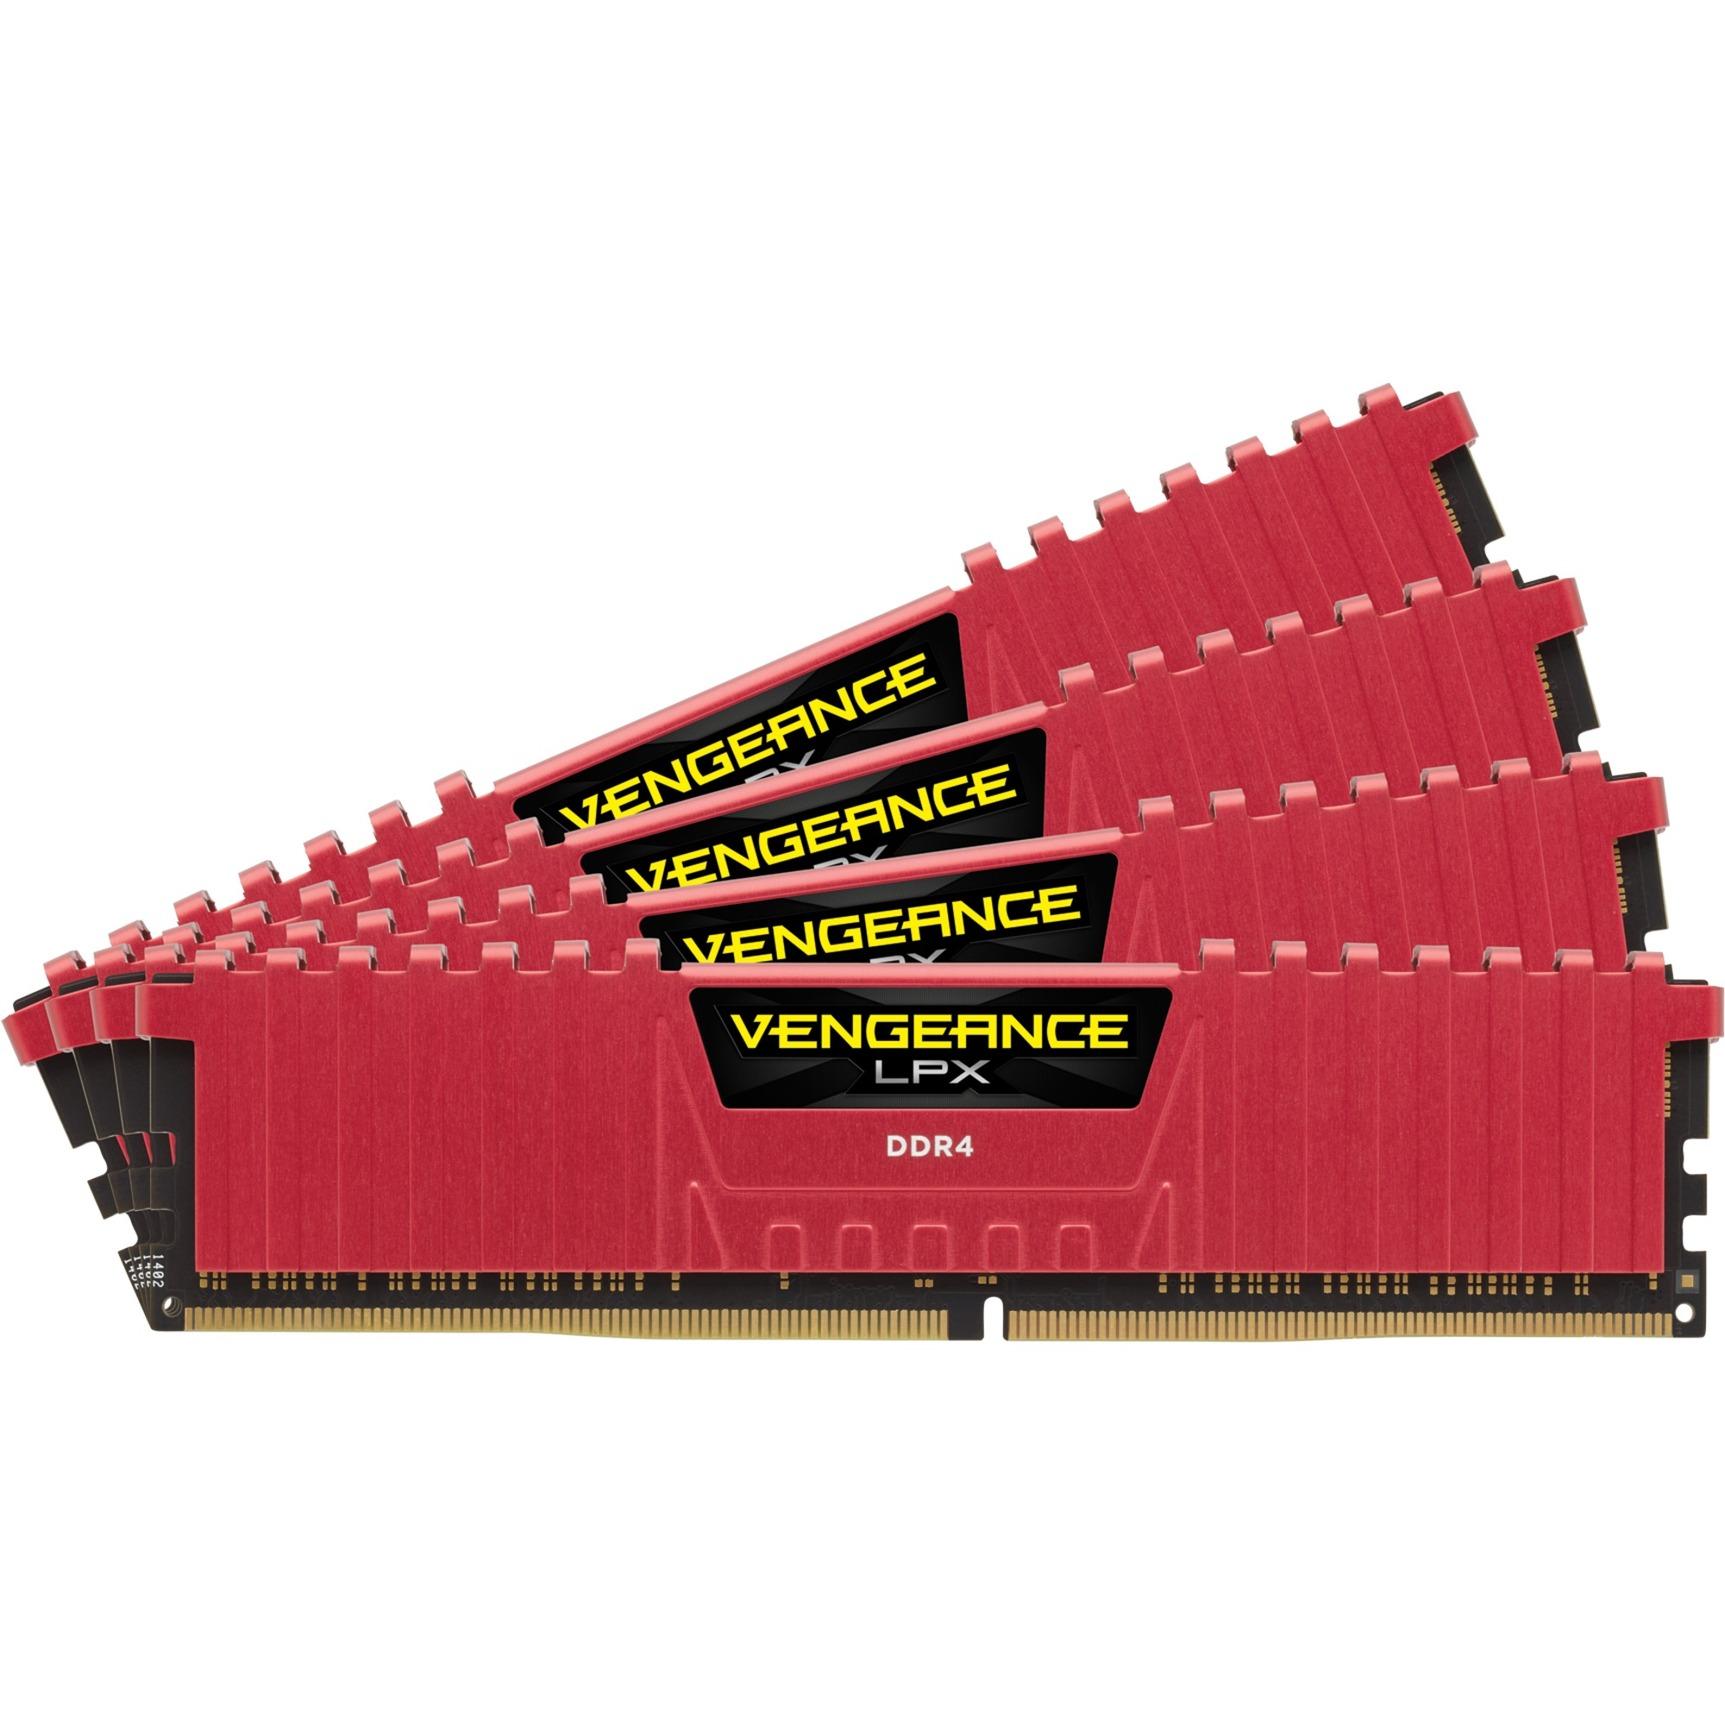 Vengeance LPX 32GB 3866MHz DDR4 32Go DDR4 3866MHz module de mémoire